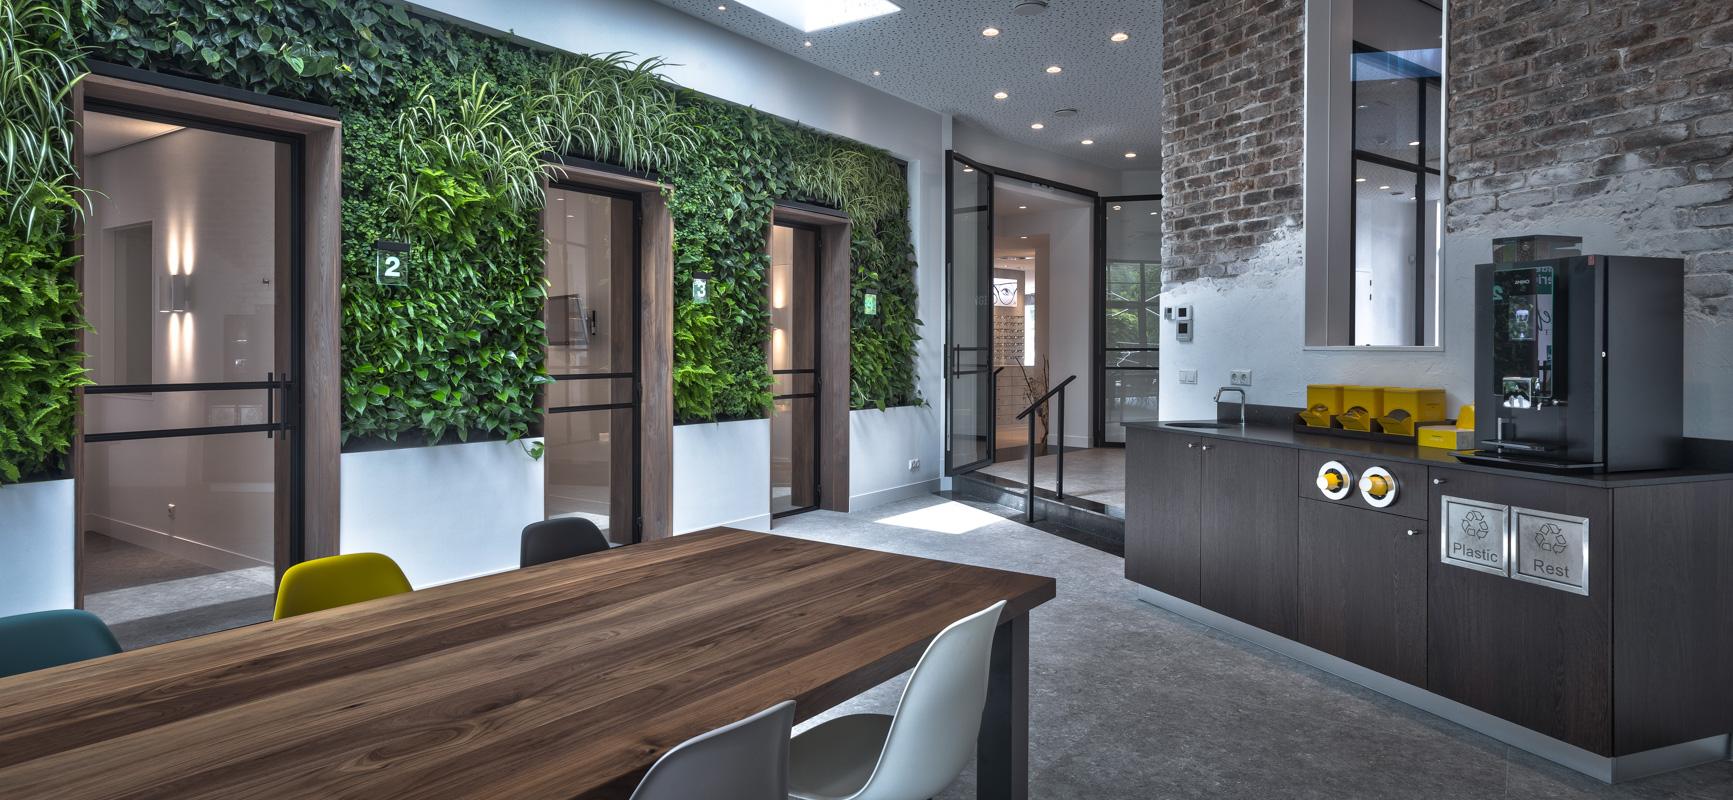 Efix-indoor